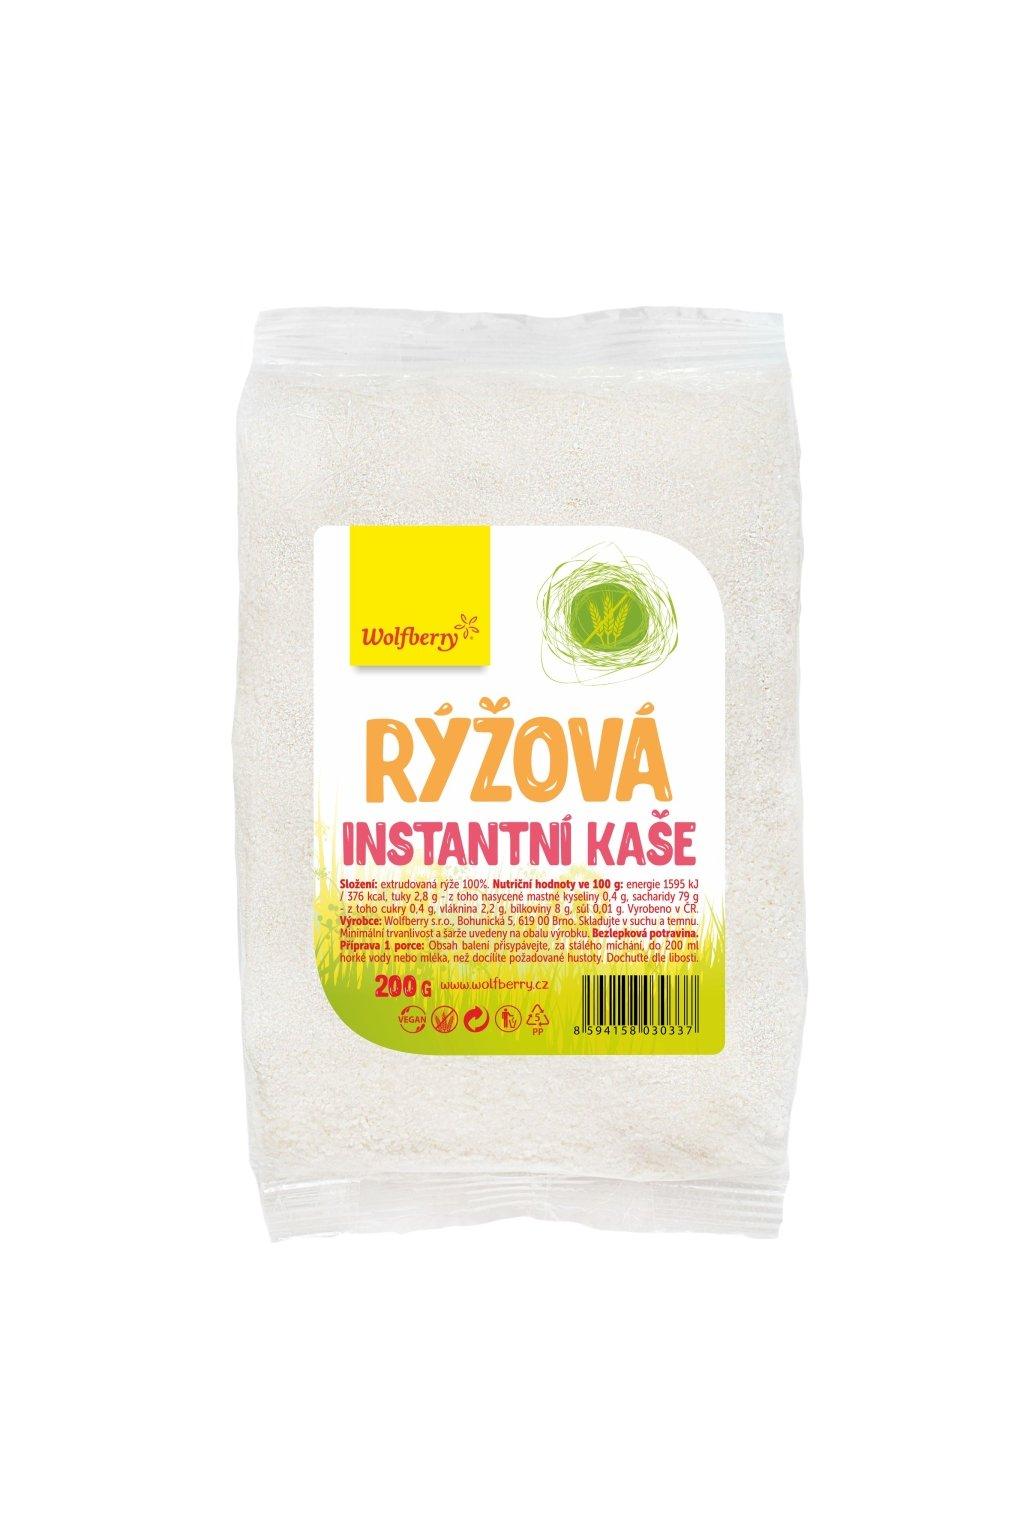 wolfberry ryzova kase 200 g 2157932 1000x1000 fit